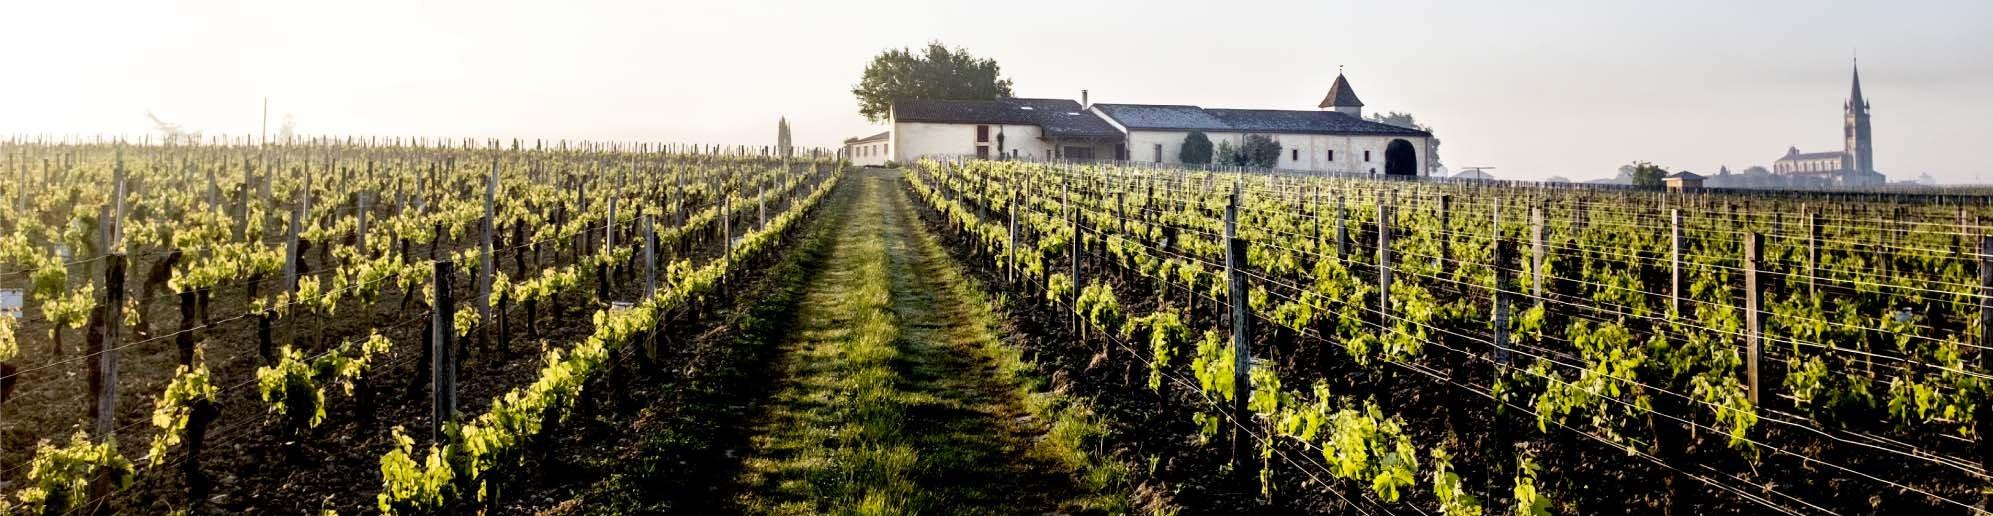 教堂园酒庄葡萄园(图片来源:closleglise.fr)